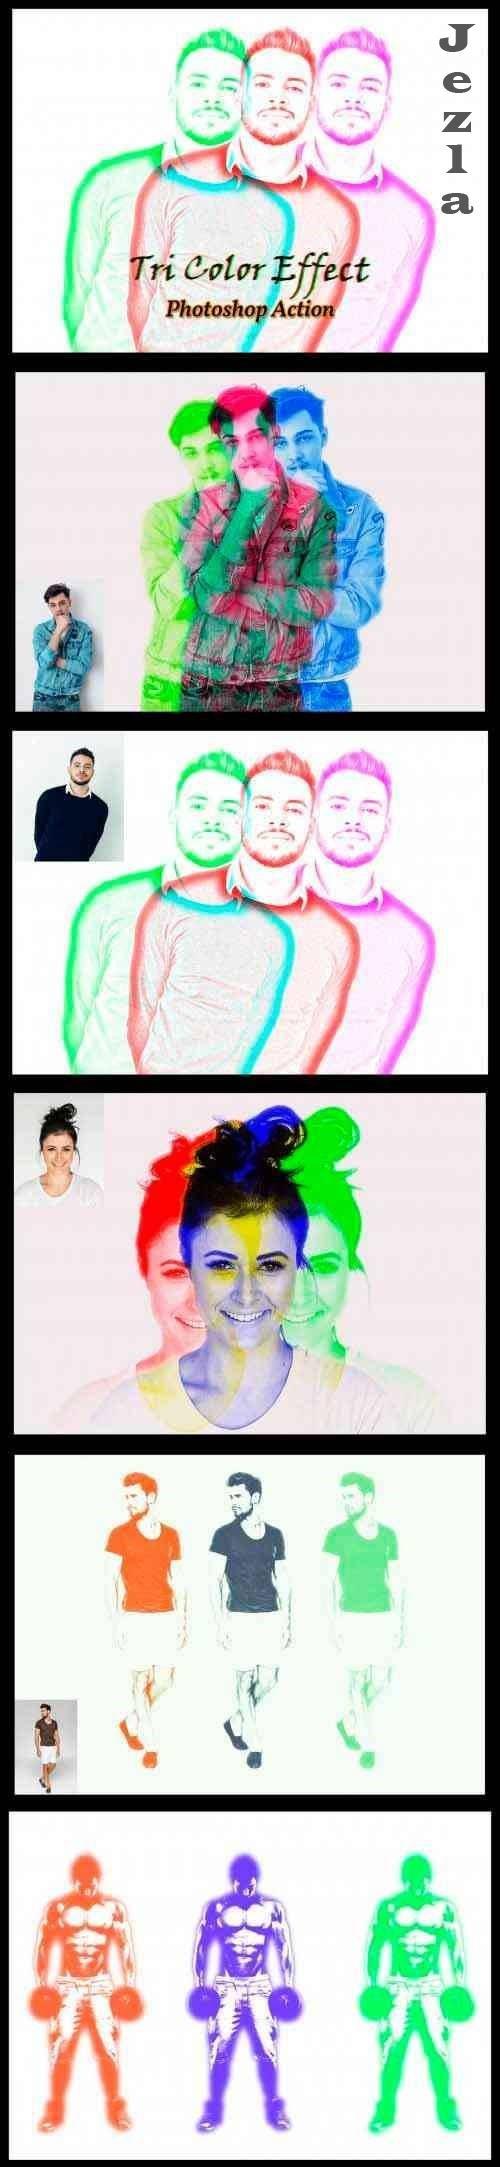 Tri Color Effect Photoshop Action 4834996